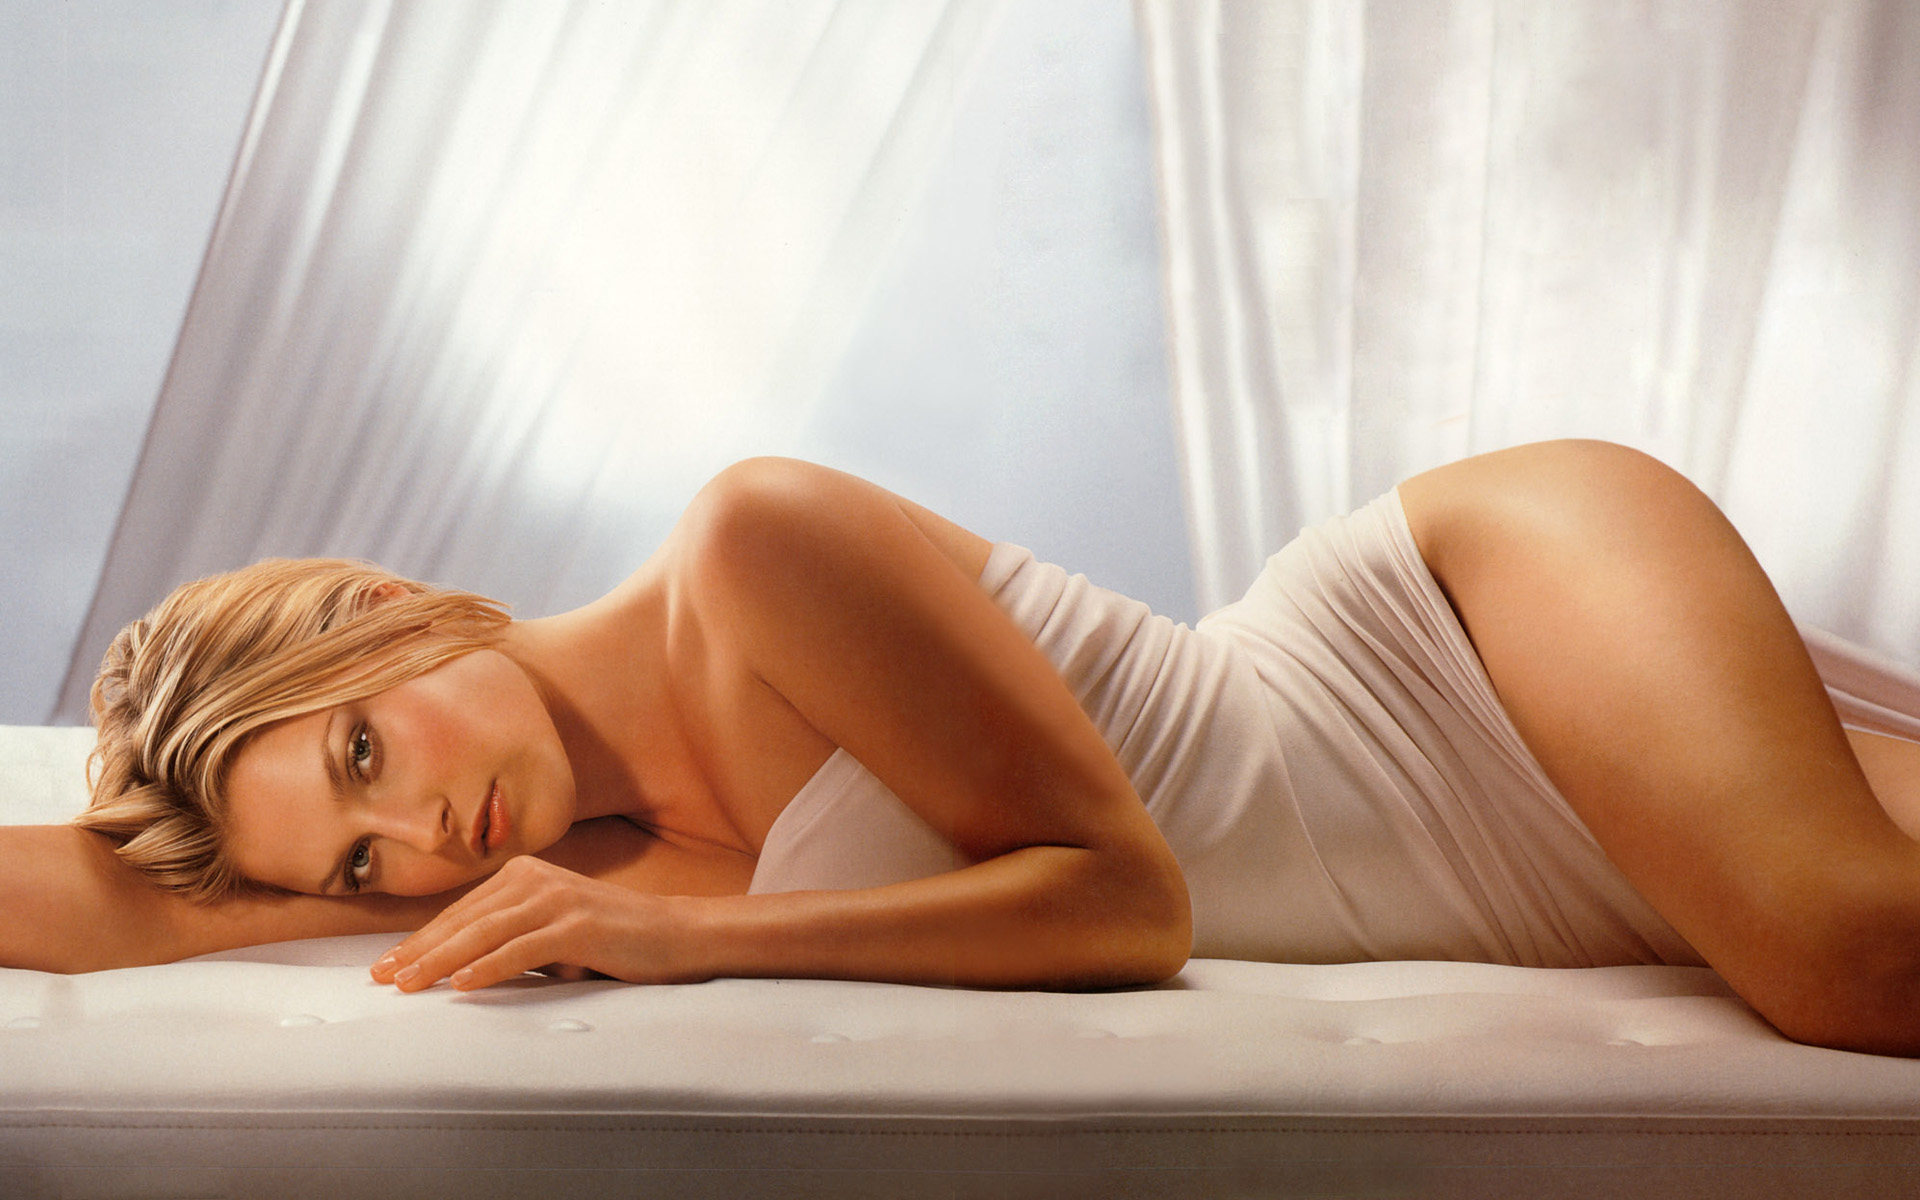 http://www.weesk.com/wallpaper/celebrites-femmes/ali-larter/ali-larter-66-ali-larter-celebrites-femmes.jpg